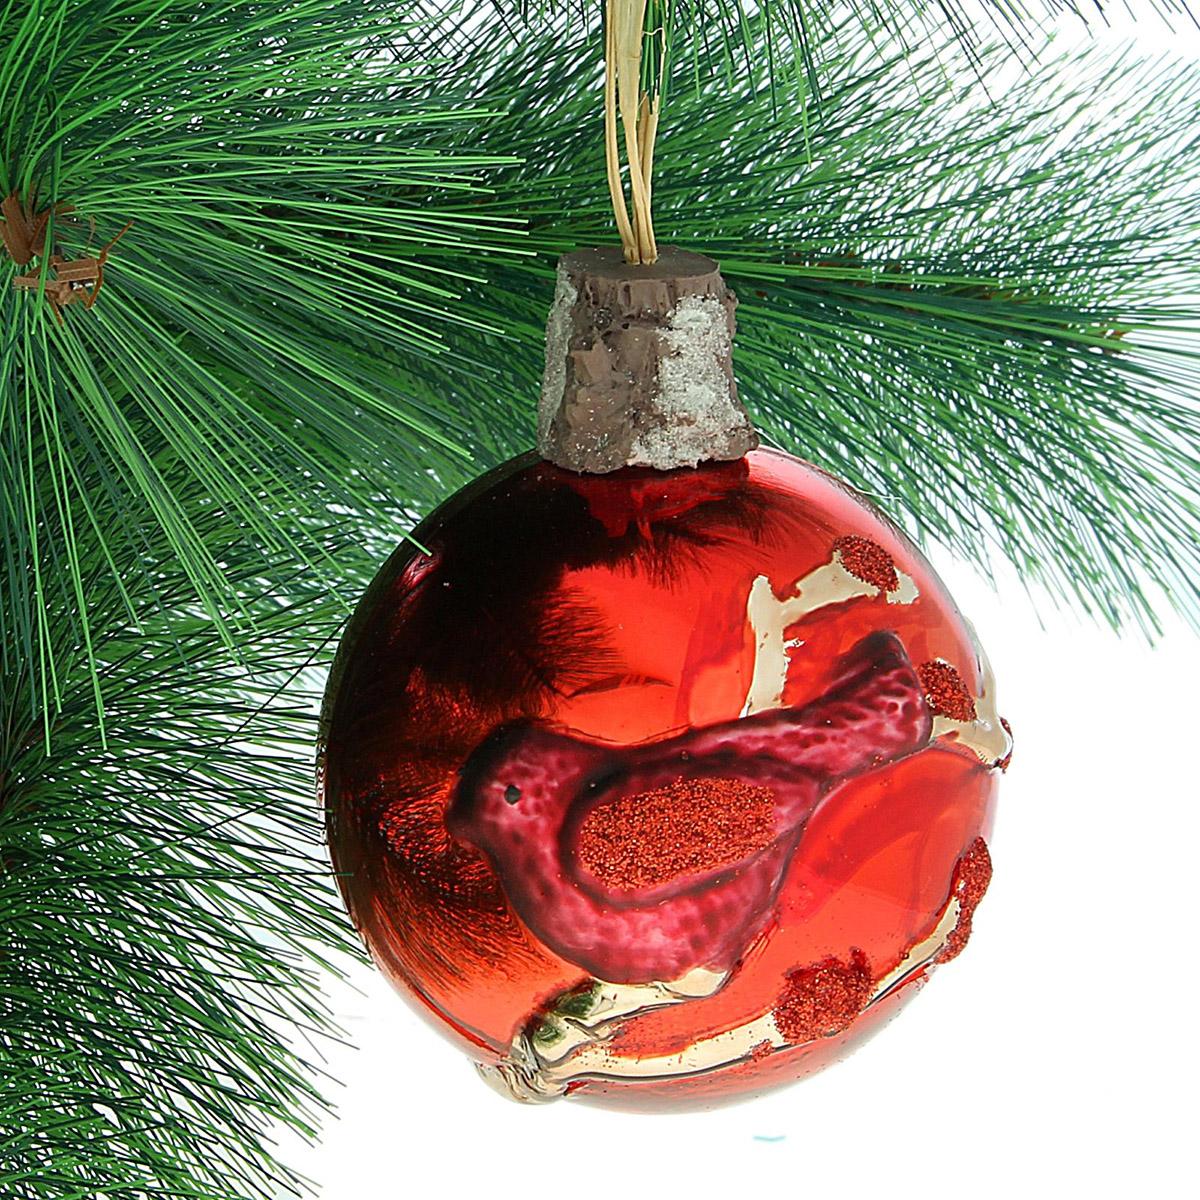 Новогоднее подвесное украшение Sima-land Птичка, диаметр 8 см334232Новогоднее украшение Sima-land отлично подойдет для декорации вашего дома и новогодней ели. Елочная игрушка - символ Нового года. Она несет в себе волшебство и красоту праздника. Такое украшение создаст в вашем доме атмосферу праздника, веселья и радости.